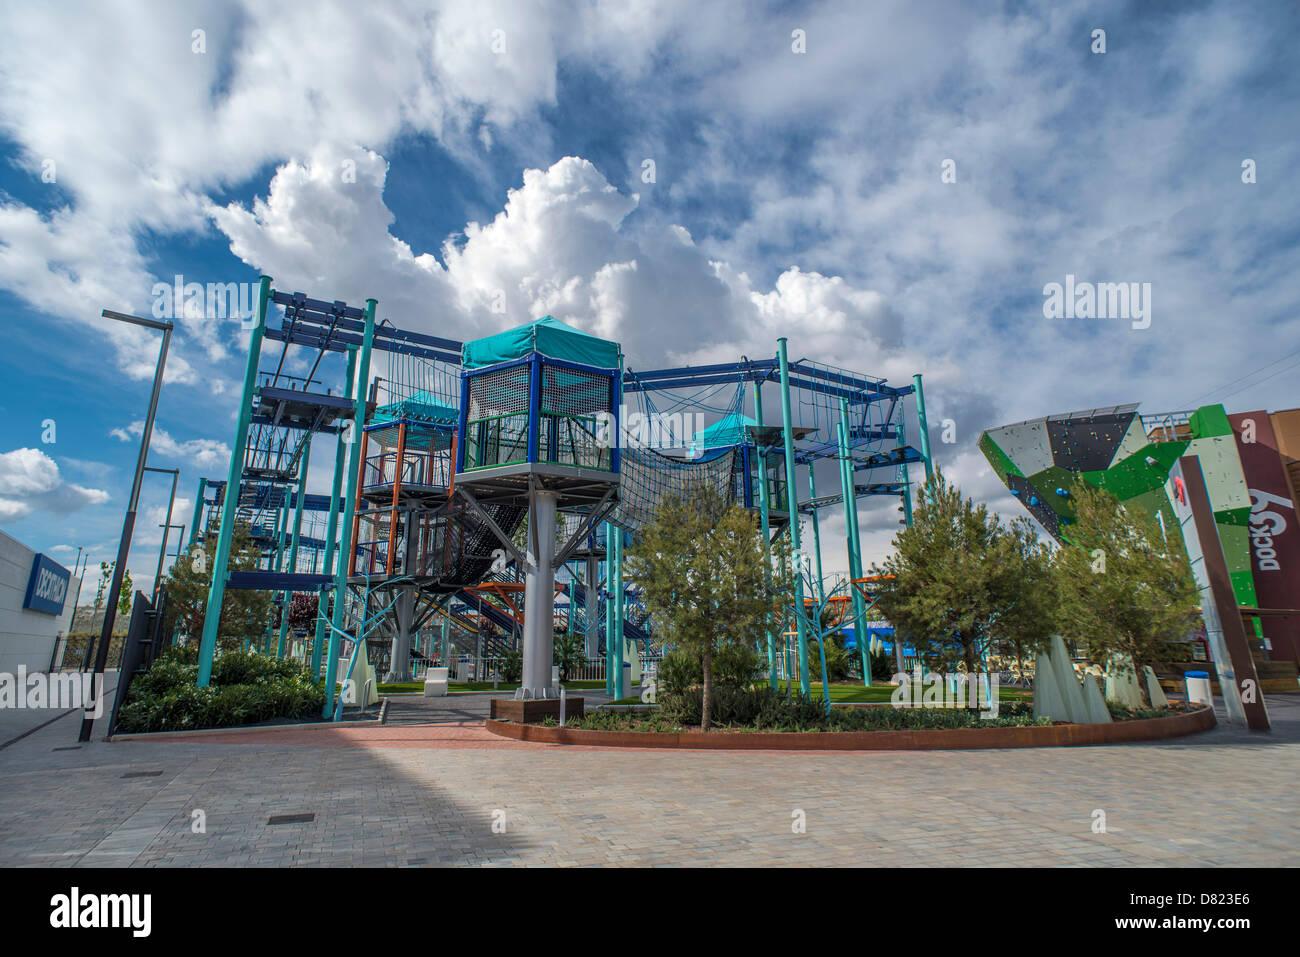 Vistas Del Centro Comercial Puerto Venecia En Zaragoza España El